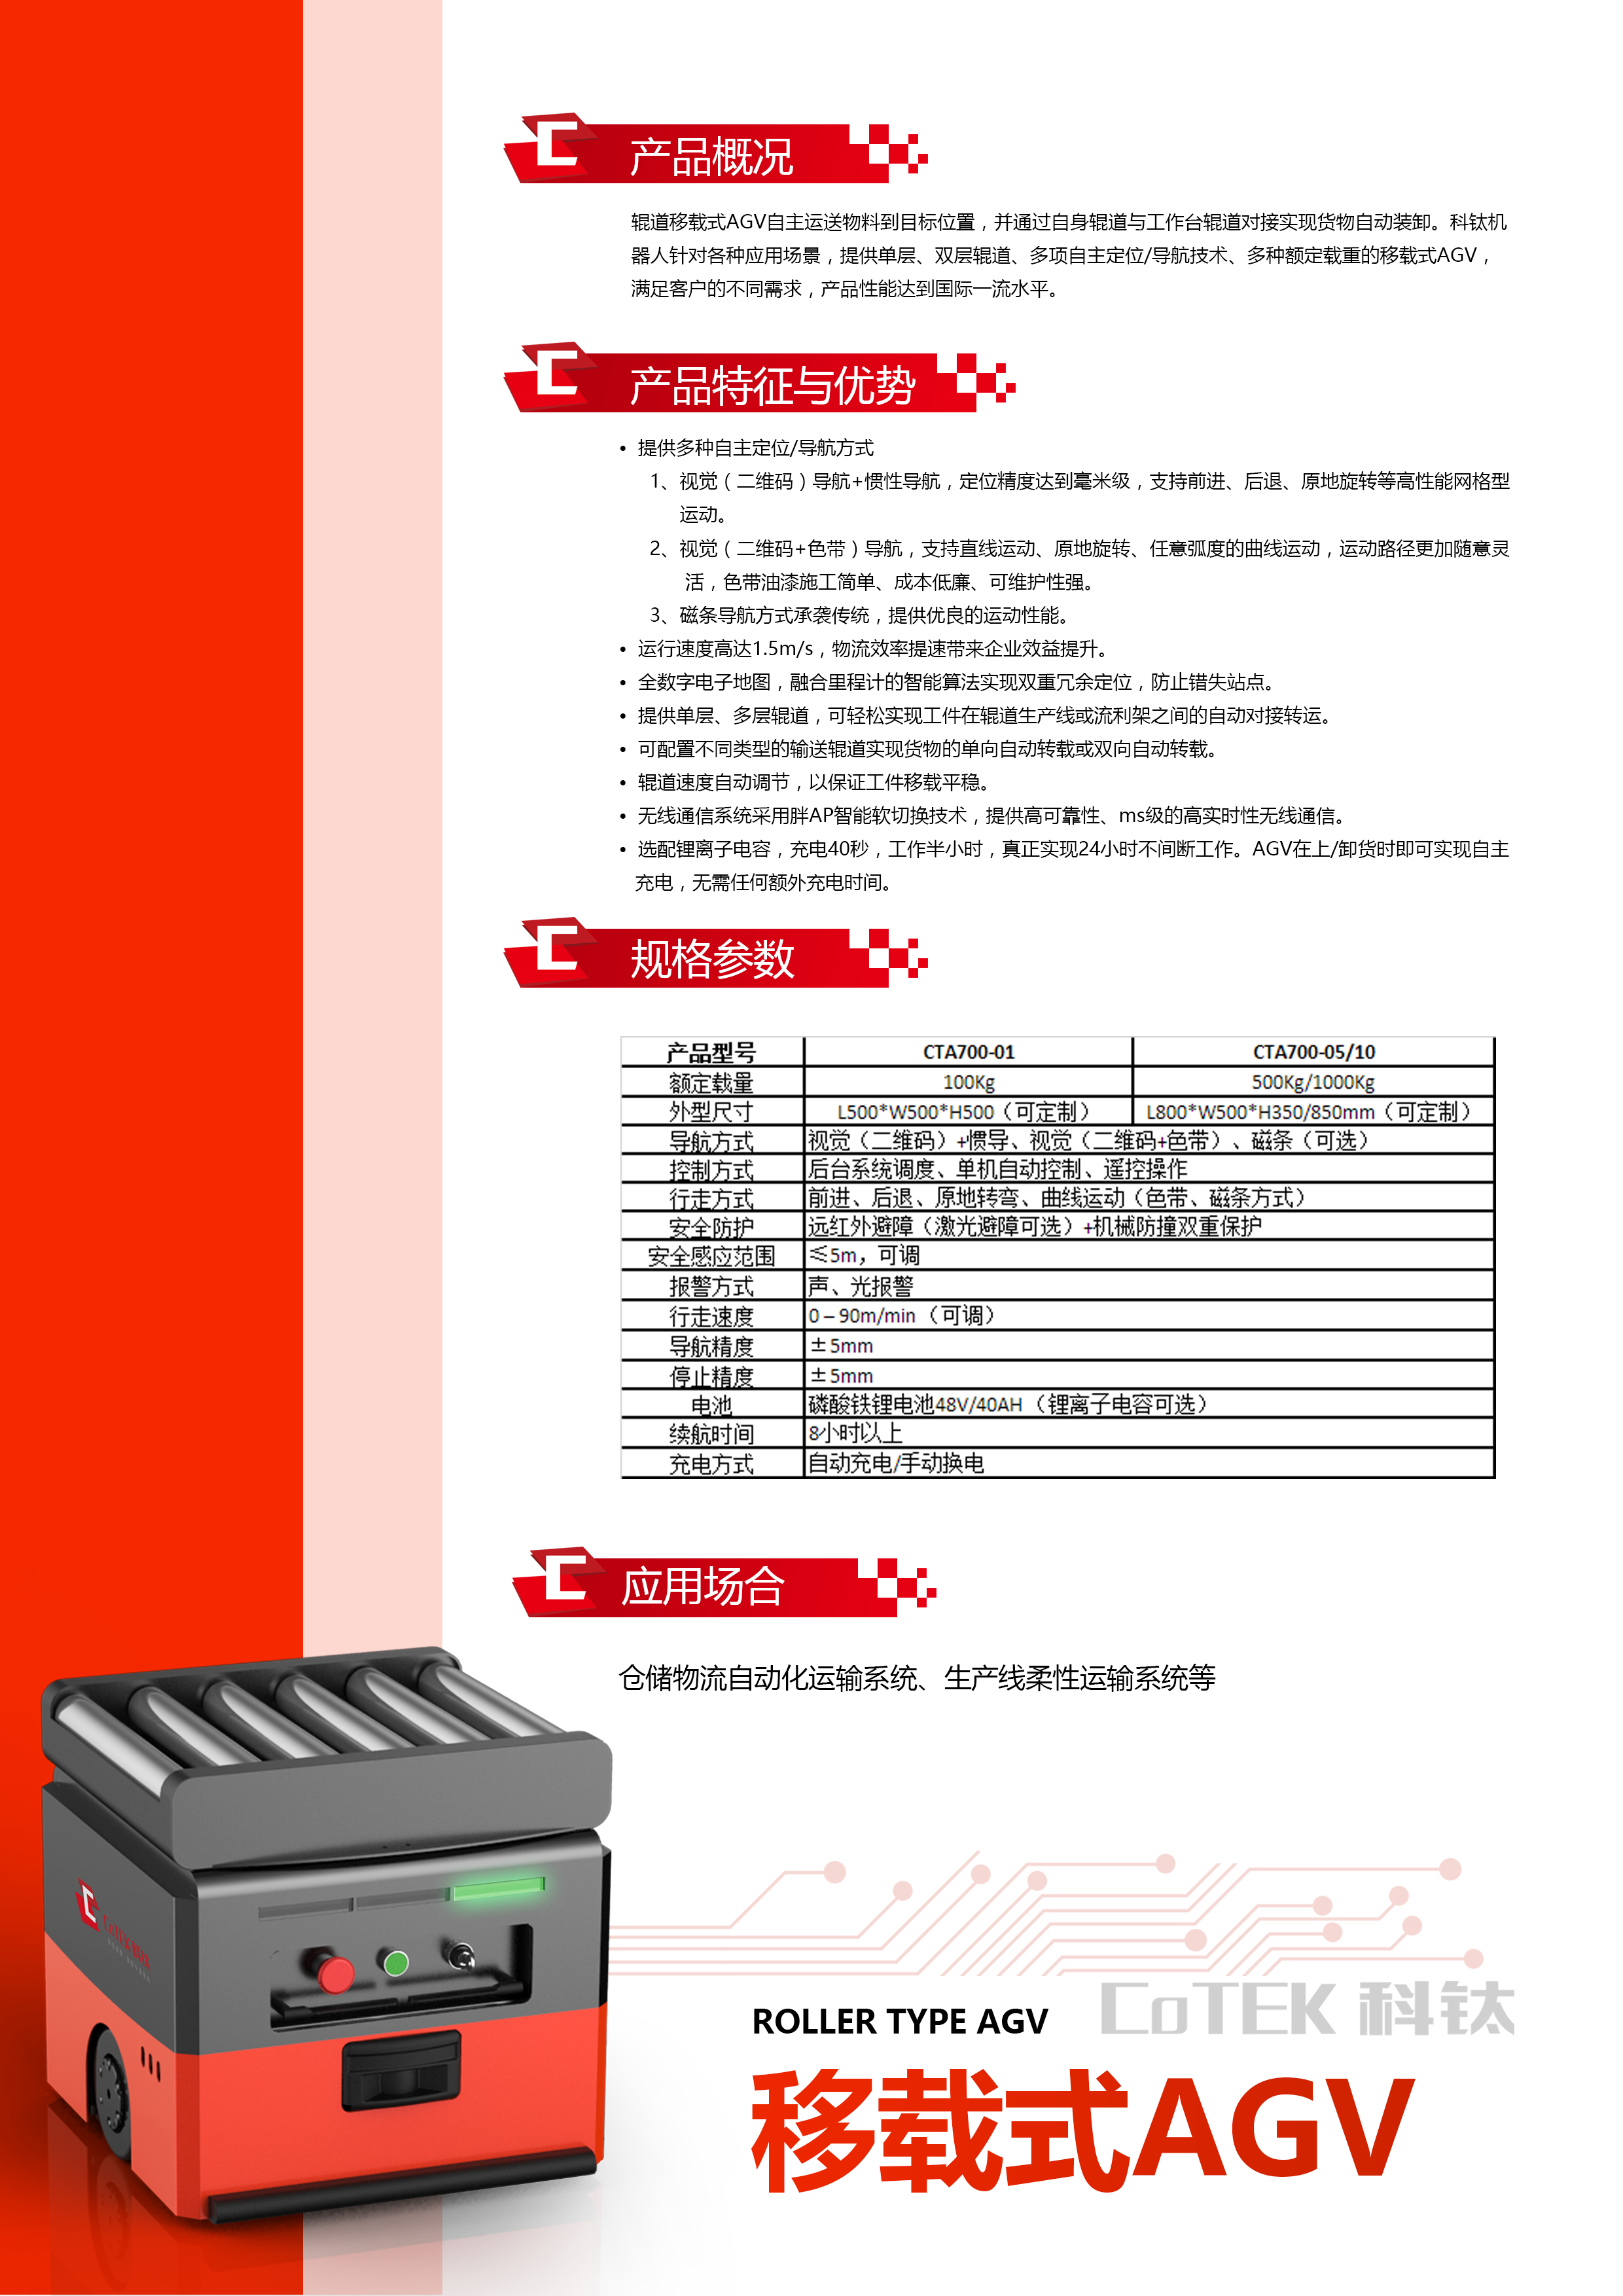 0912修改版-移载式AGV-非激光反拷贝